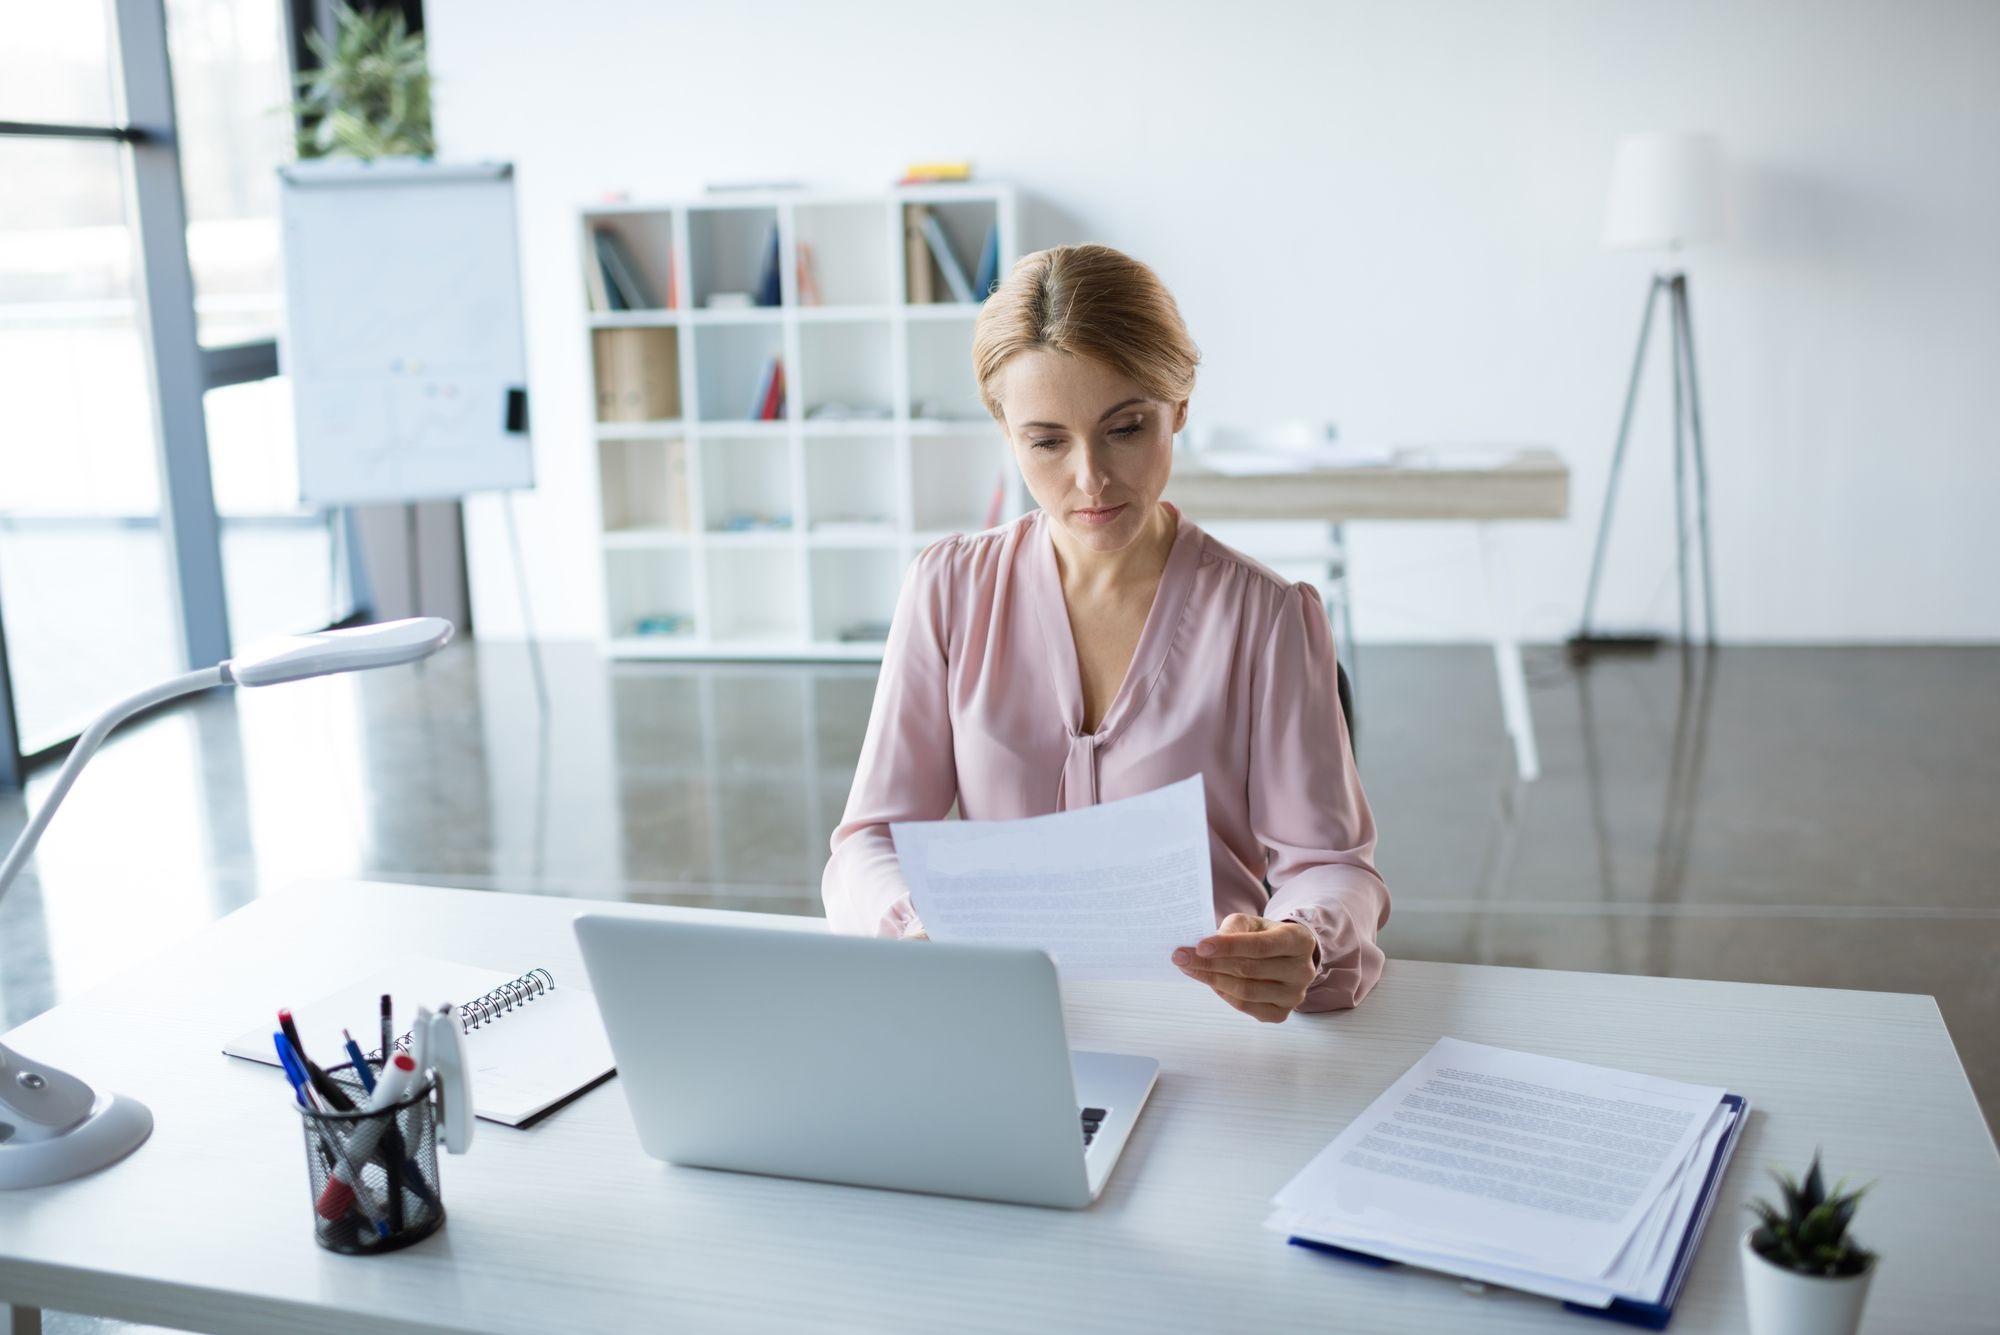 Conheça 4 dicas práticas para manter o ambiente de trabalho organizado!